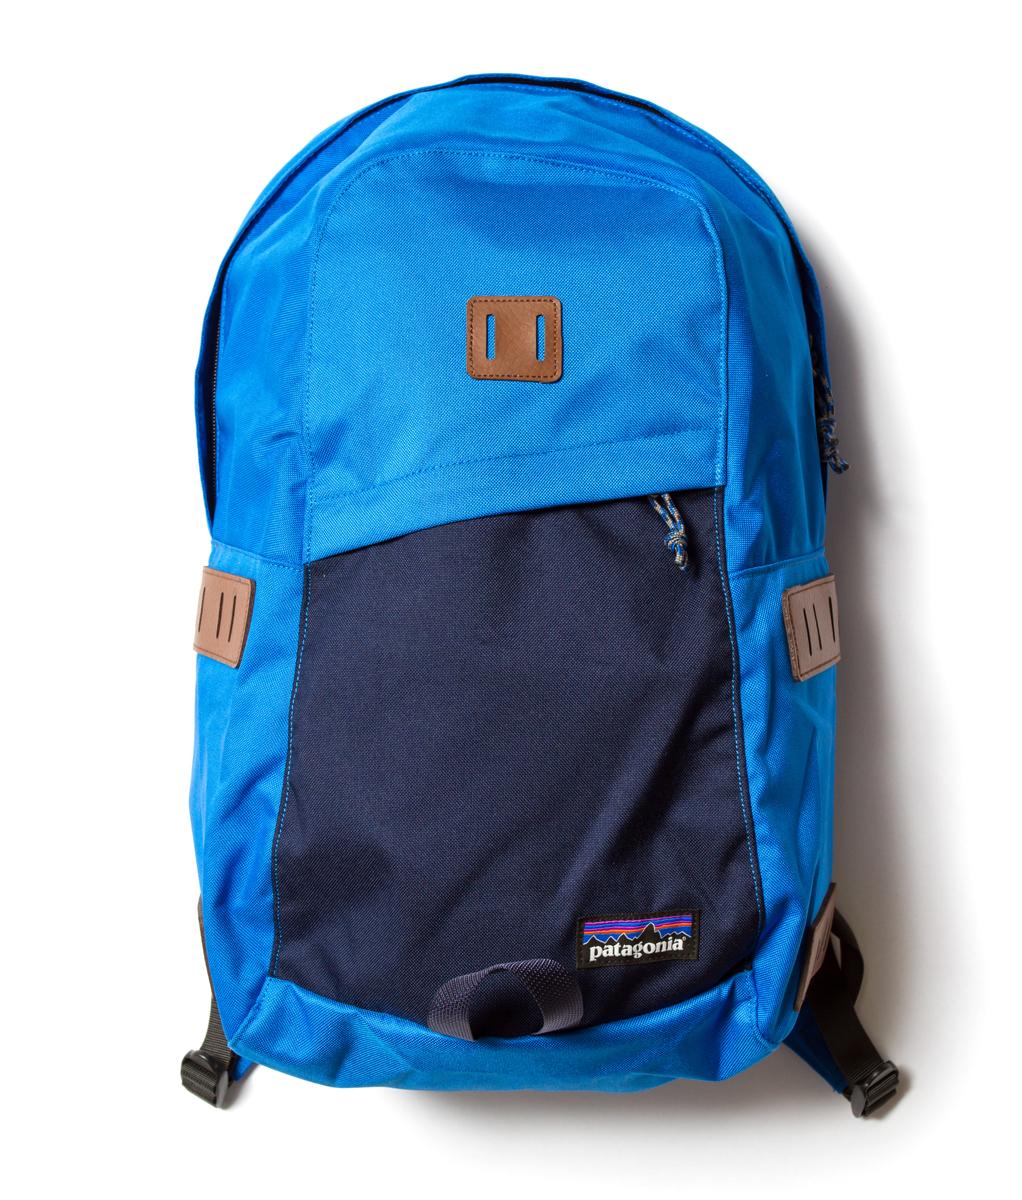 Patagonia Ironwood Pack £40